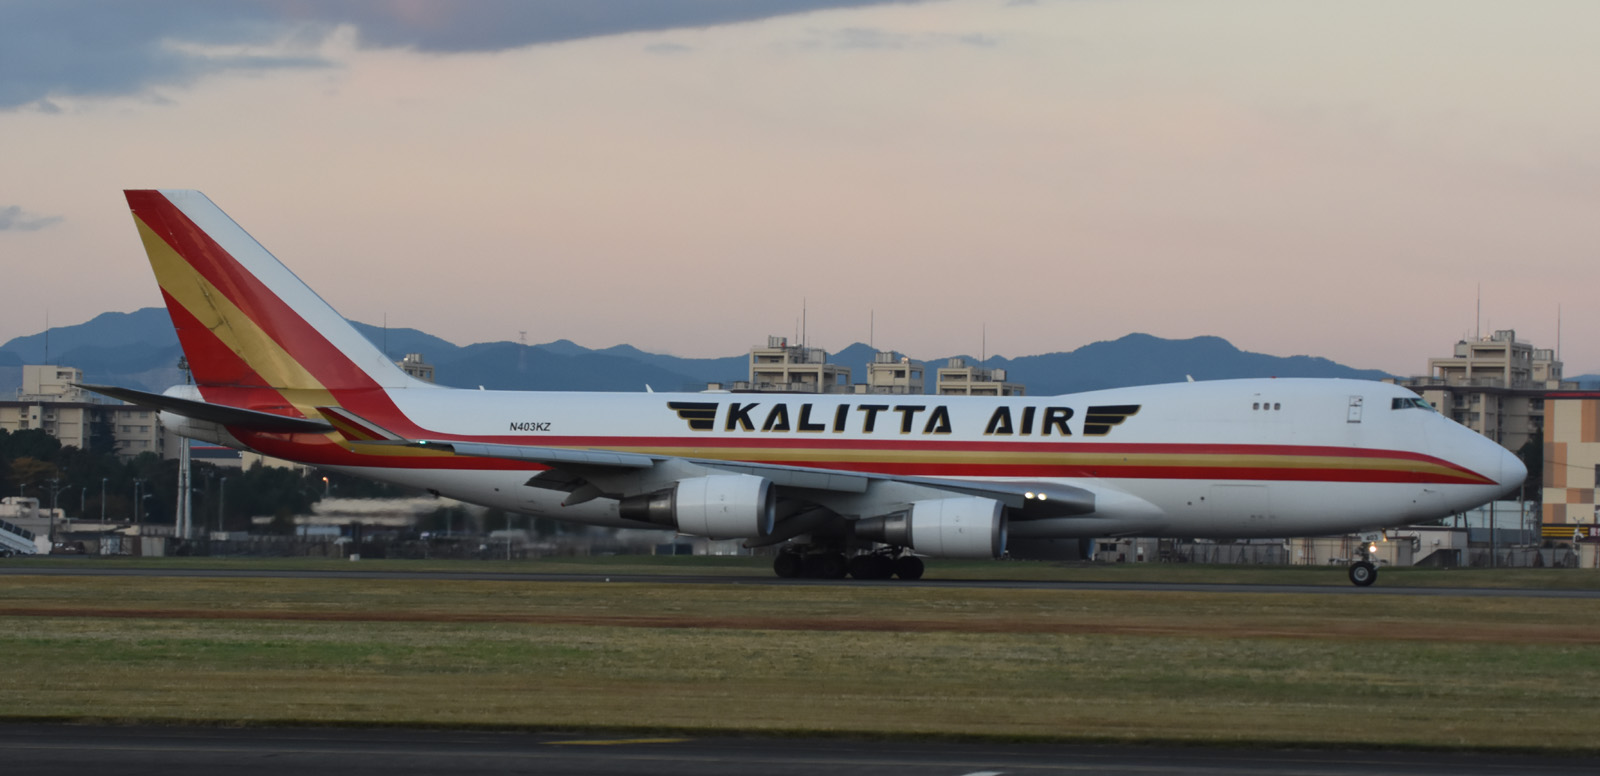 Kalitta171101g723